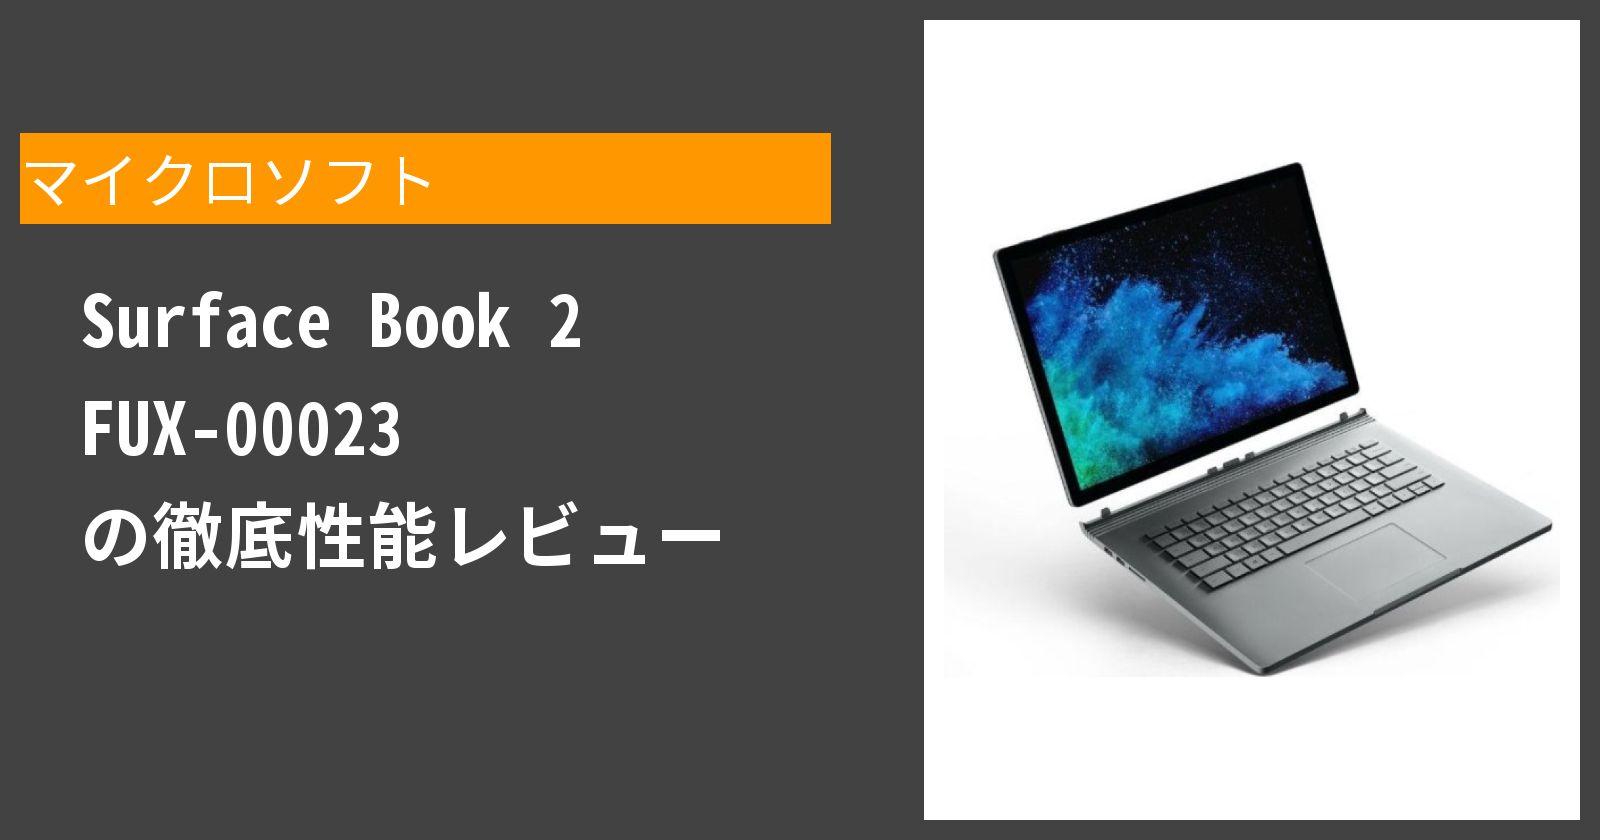 Surface Book 2 FUX-00023 の徹底性能レビュー